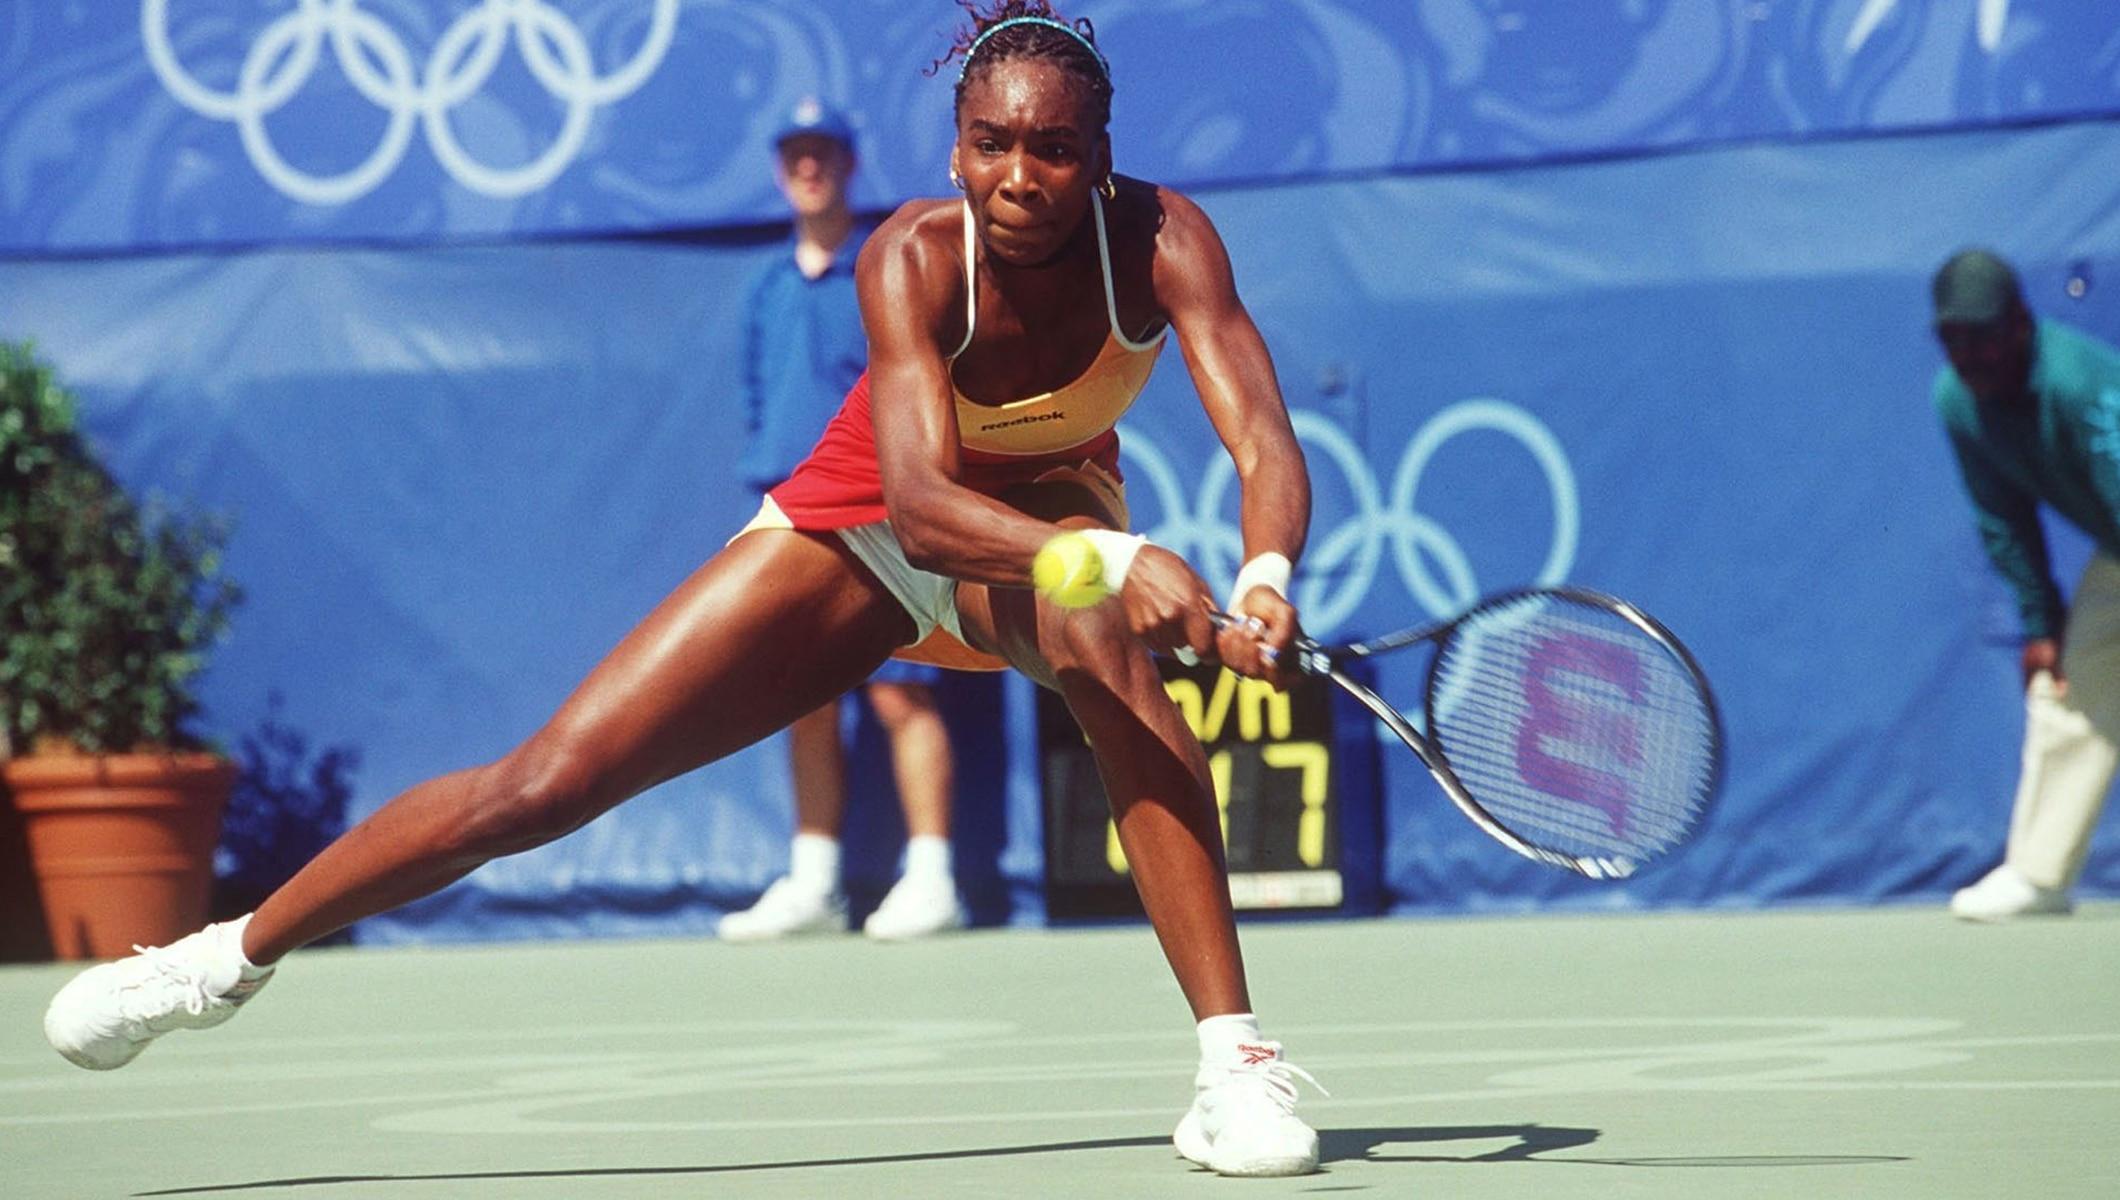 Steffi Graf's 1988 Golden Slam – An Unprecedented